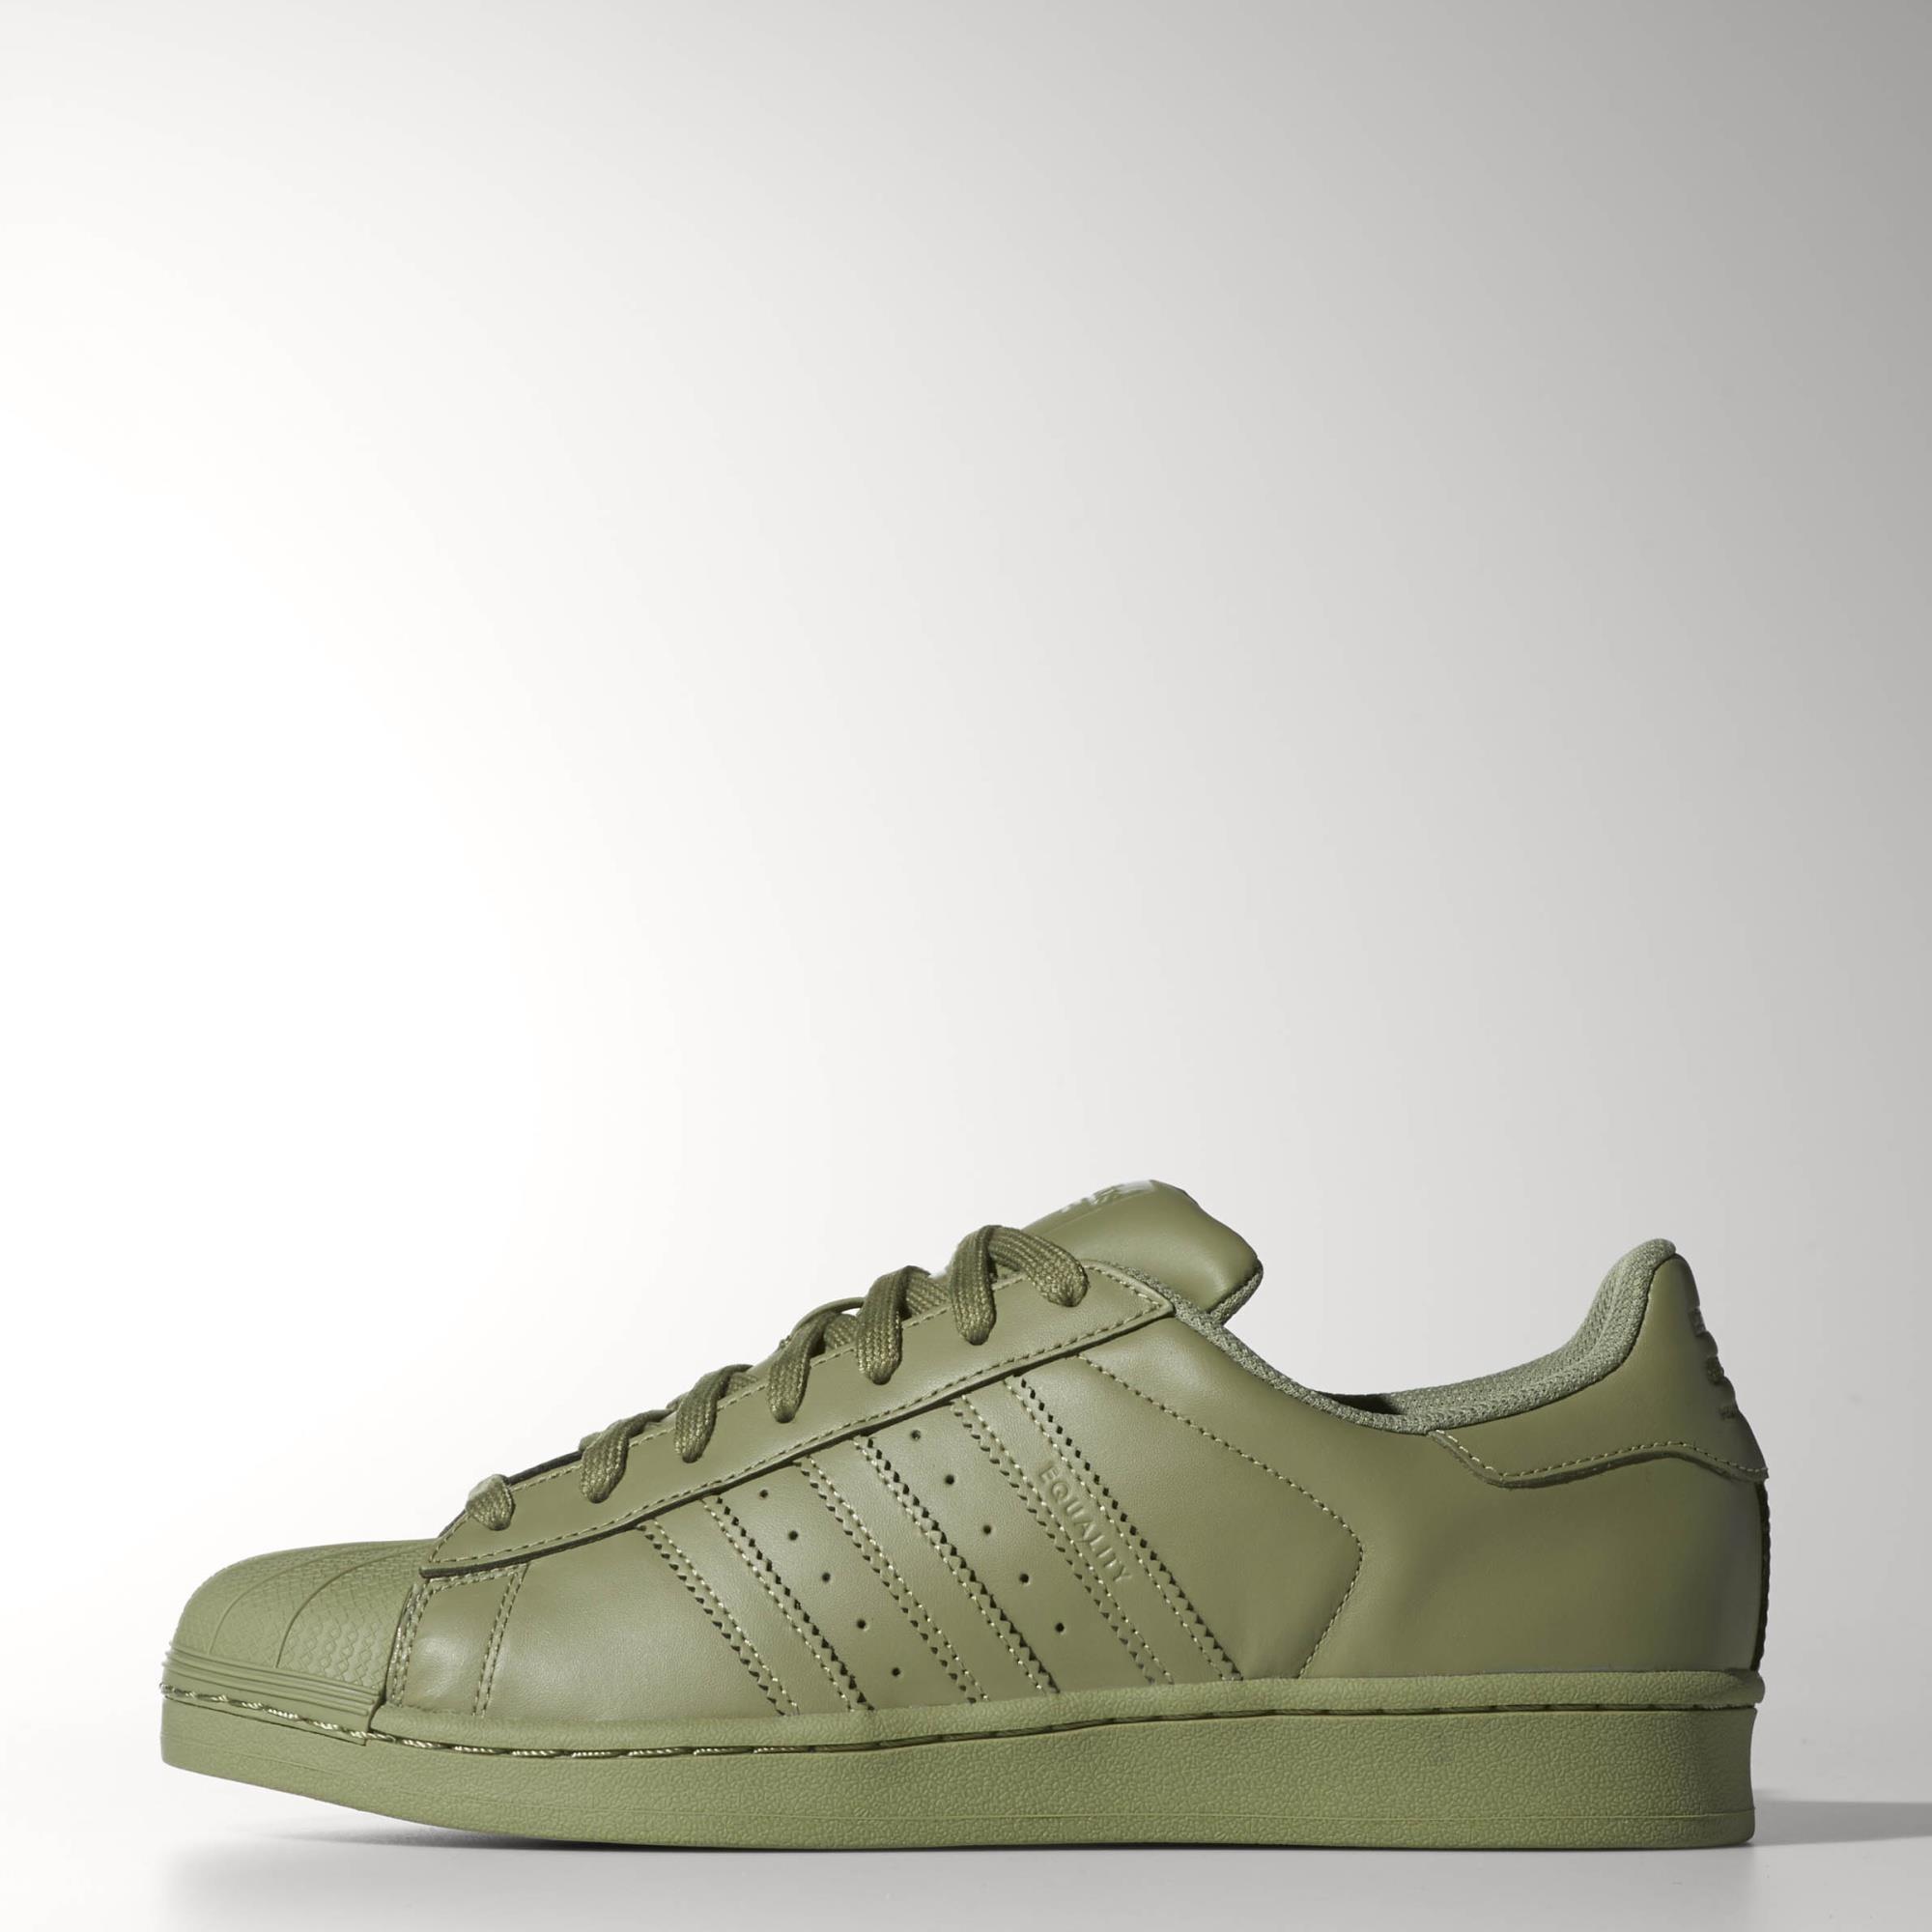 Adidas Superstar Green Suede